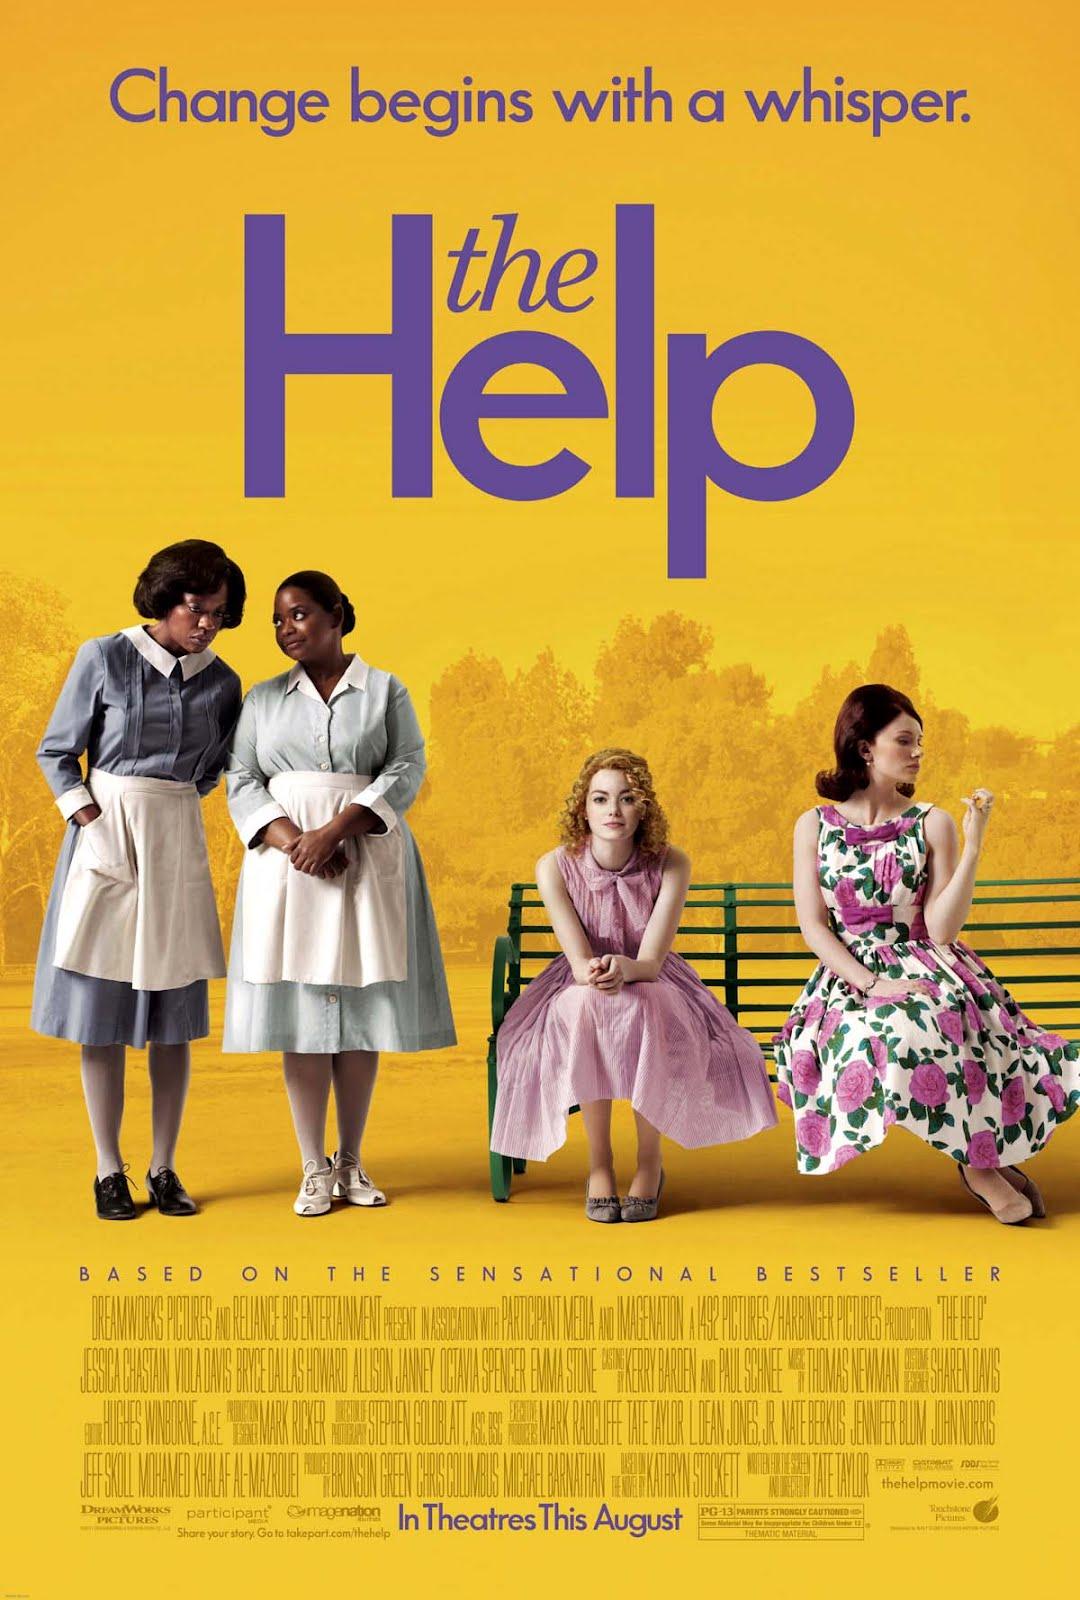 http://4.bp.blogspot.com/-kxLE2hjnTDo/T3DdE7pqZeI/AAAAAAAAC90/8s8VEz7B8rE/s1600/The_Help_poster.jpg